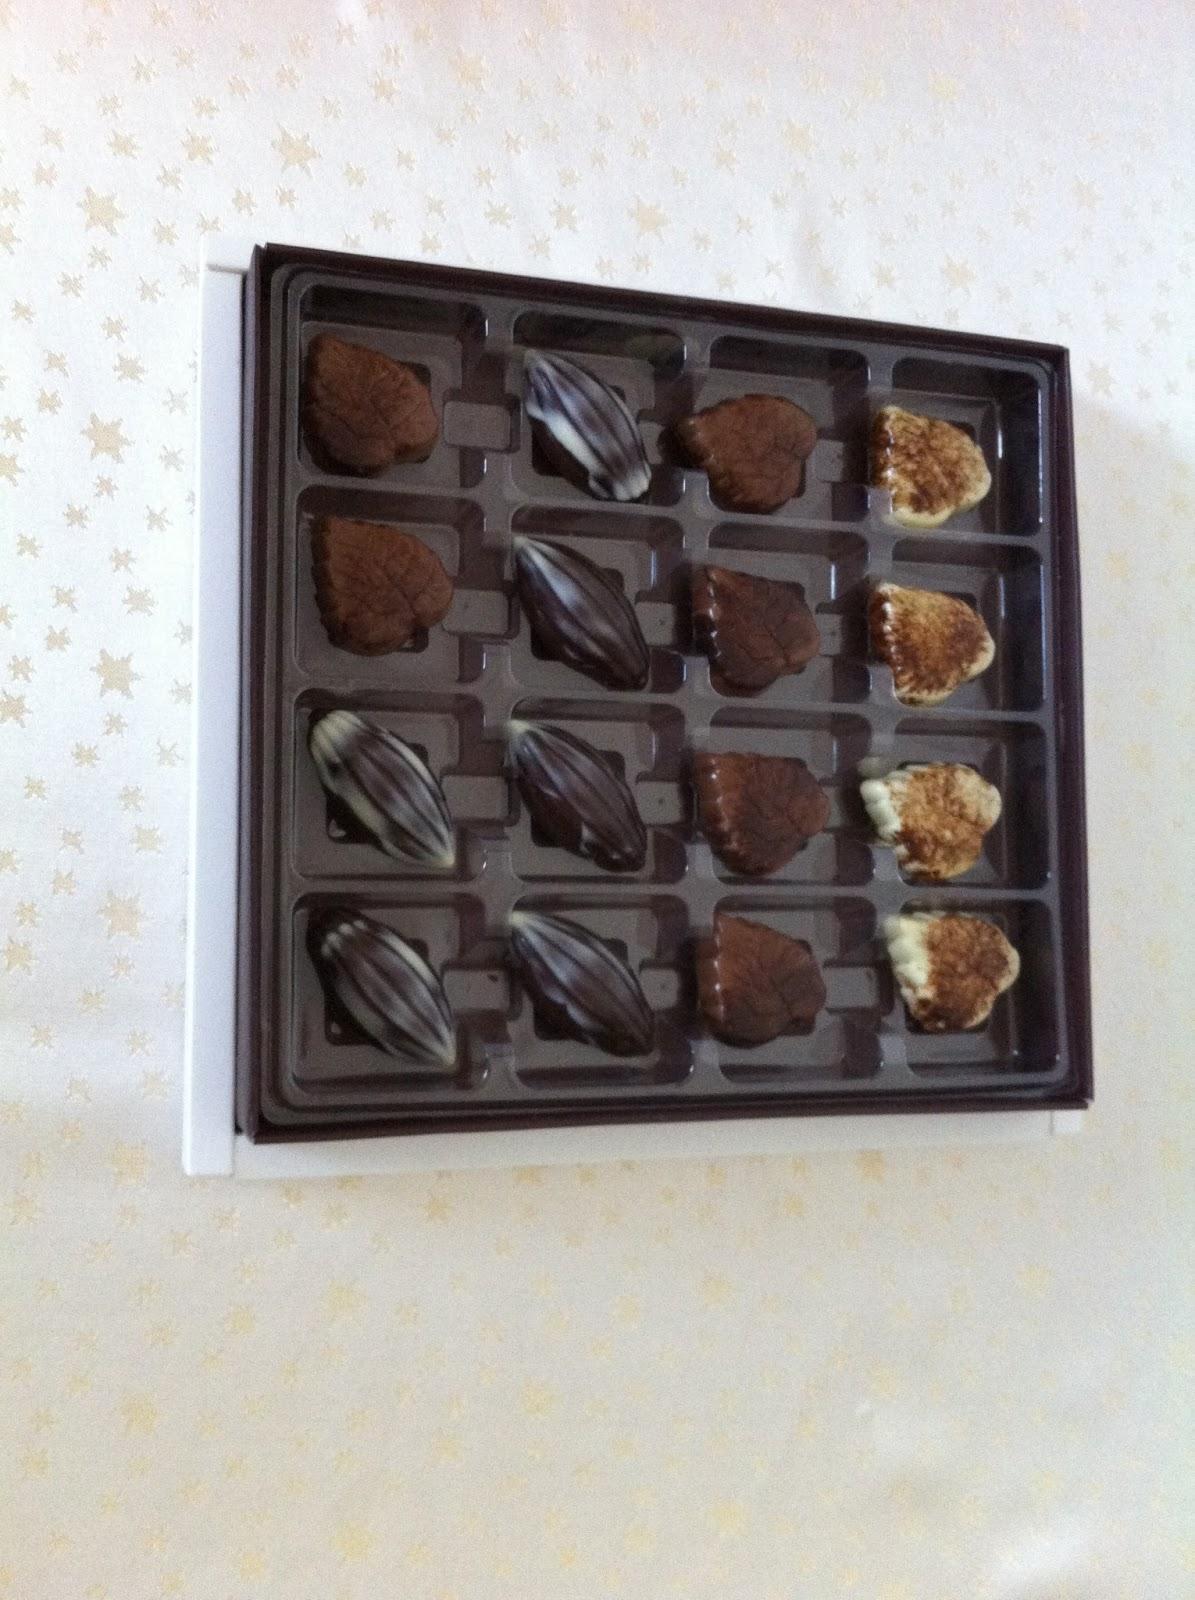 Çikolatanın Bozulduğunu Nasıl Anlarız